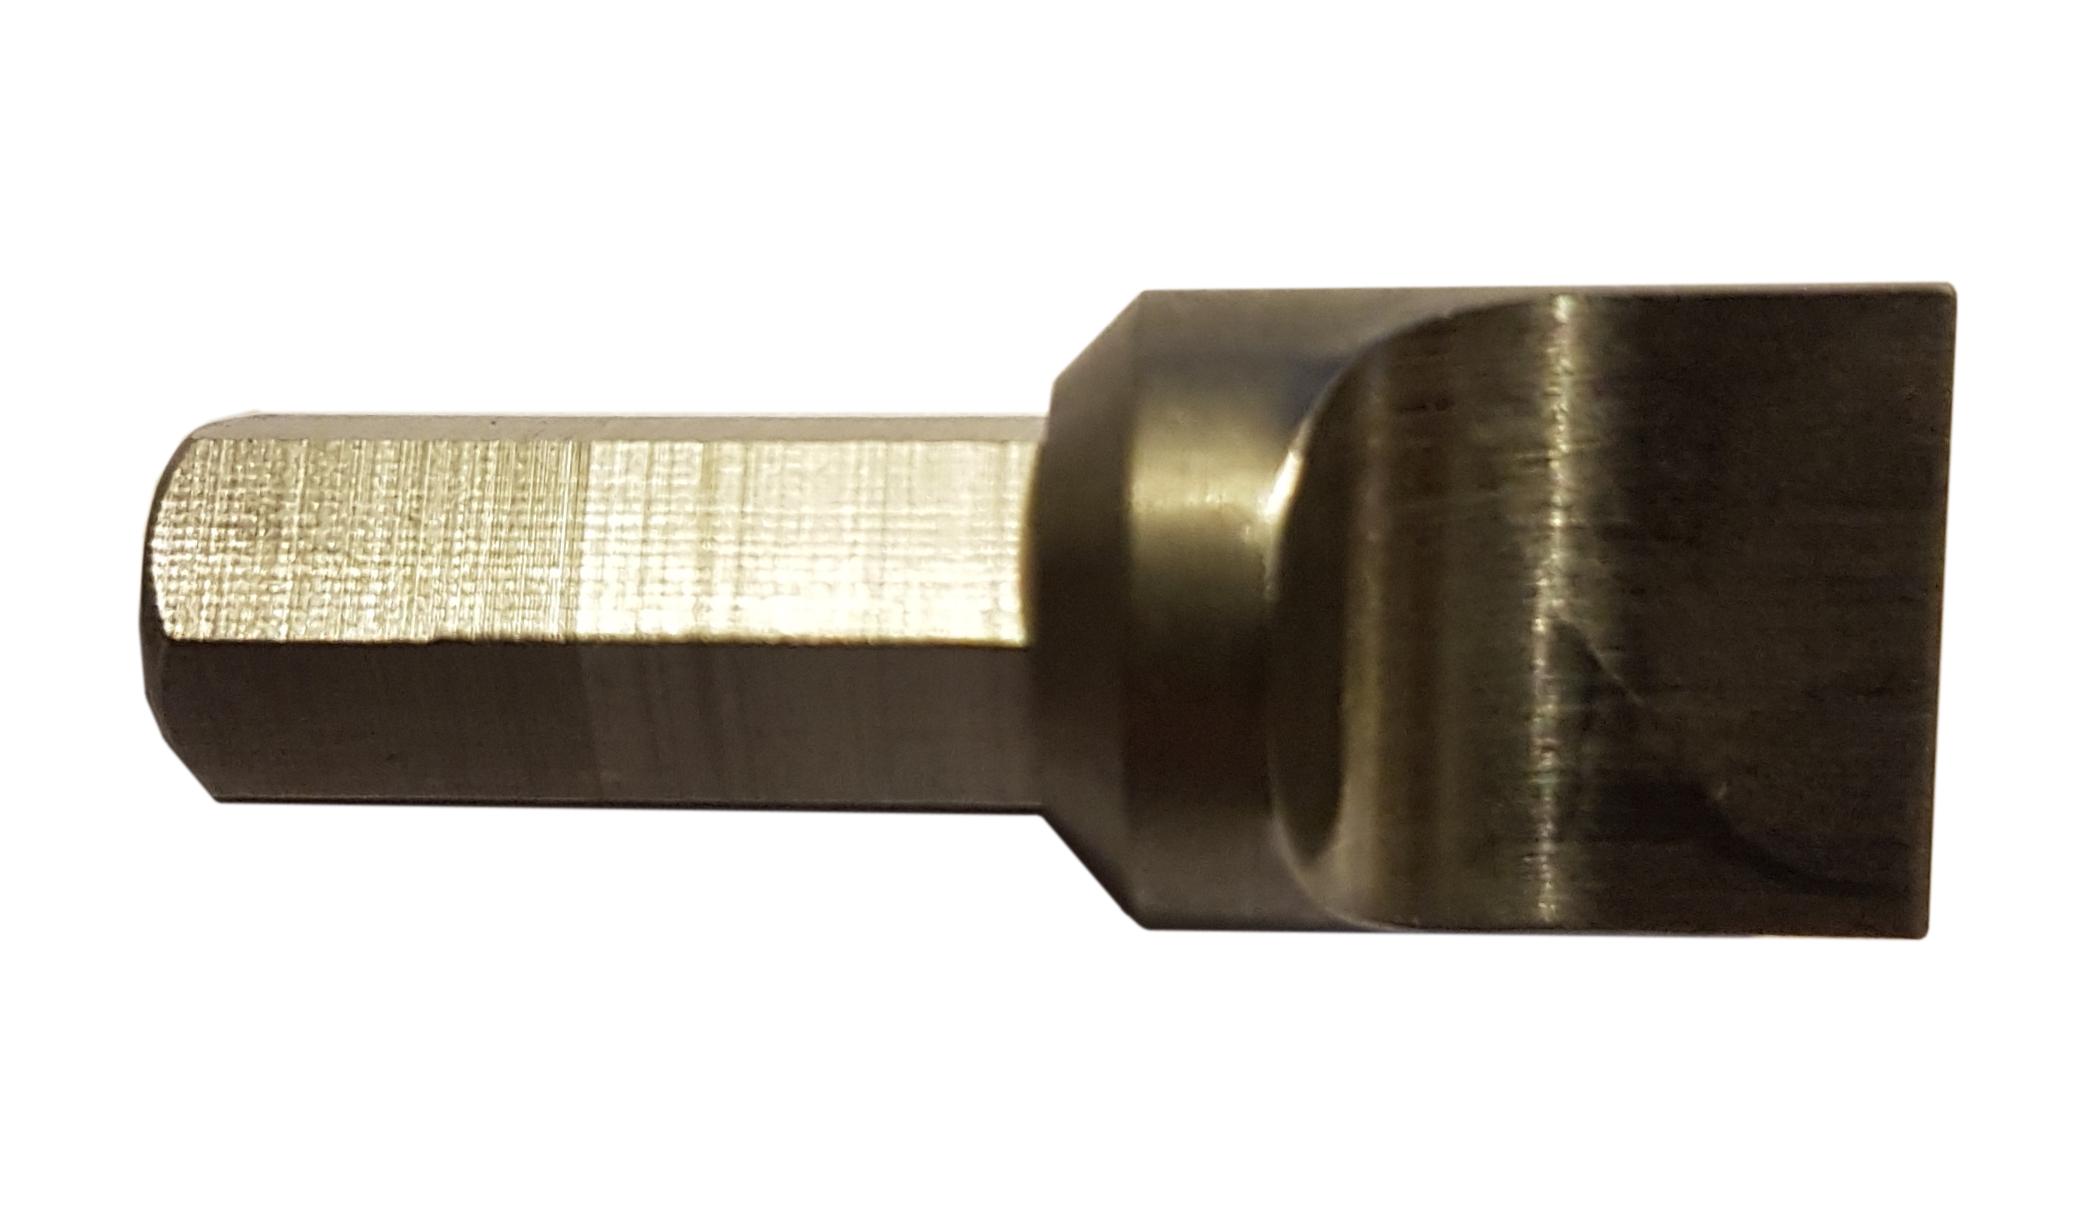 BSA Power/Hammer Spring Adjustment Tool